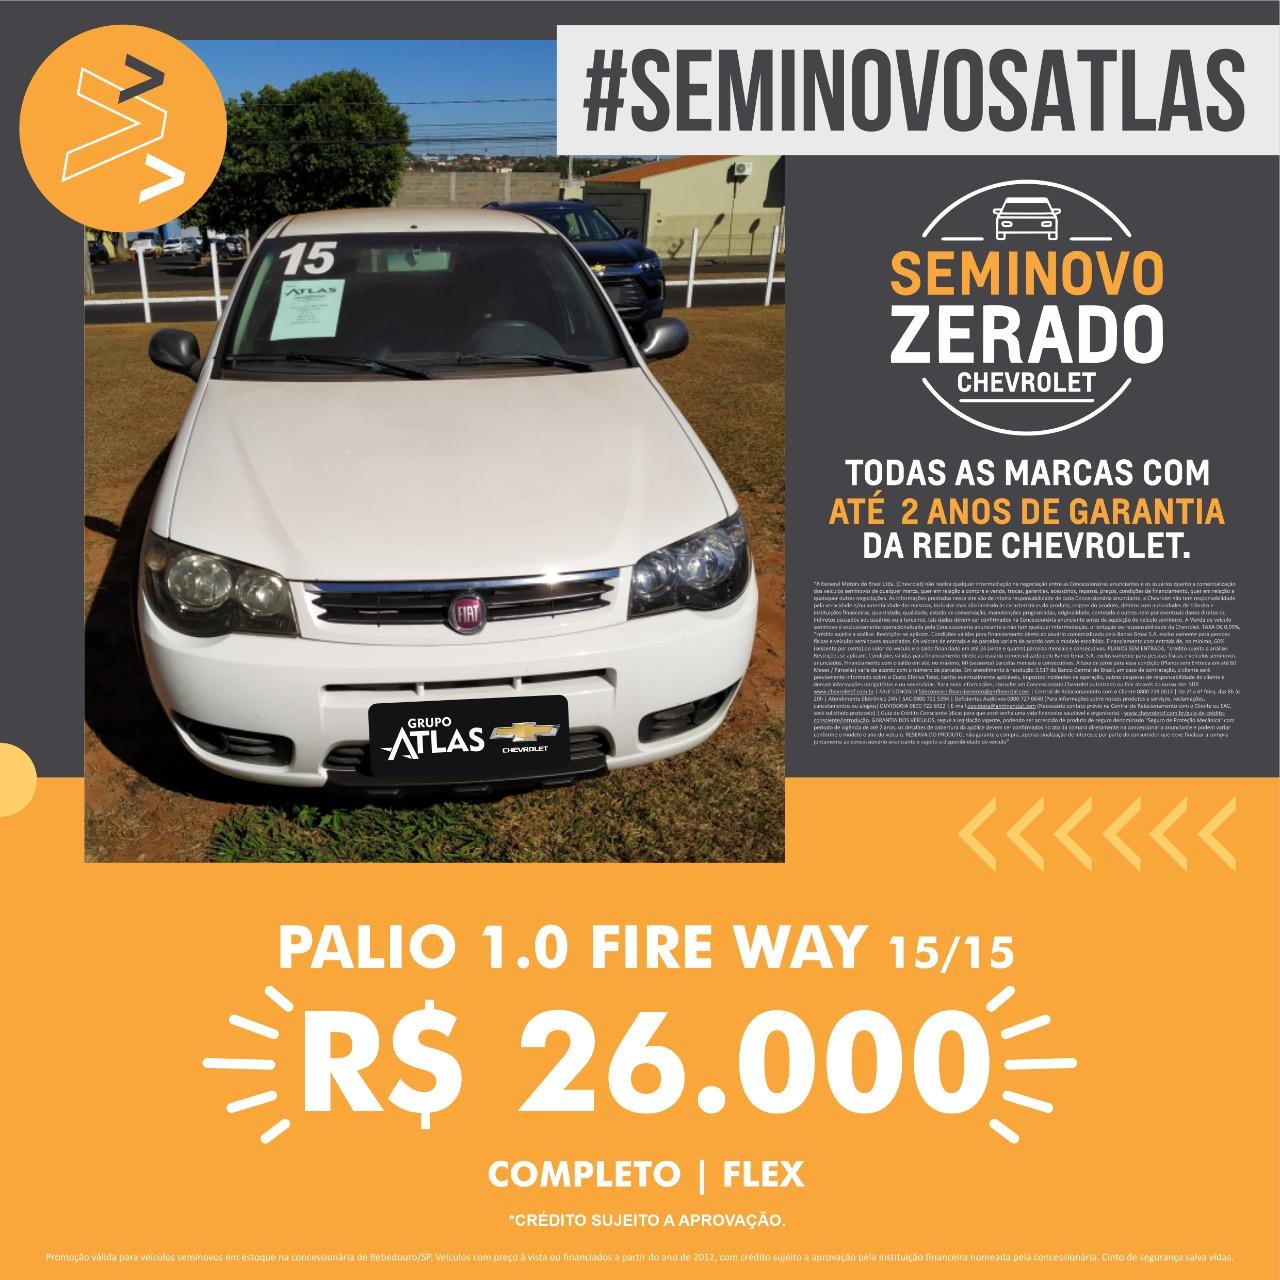 FIAT PALIO FITE WAY 1.0 2015